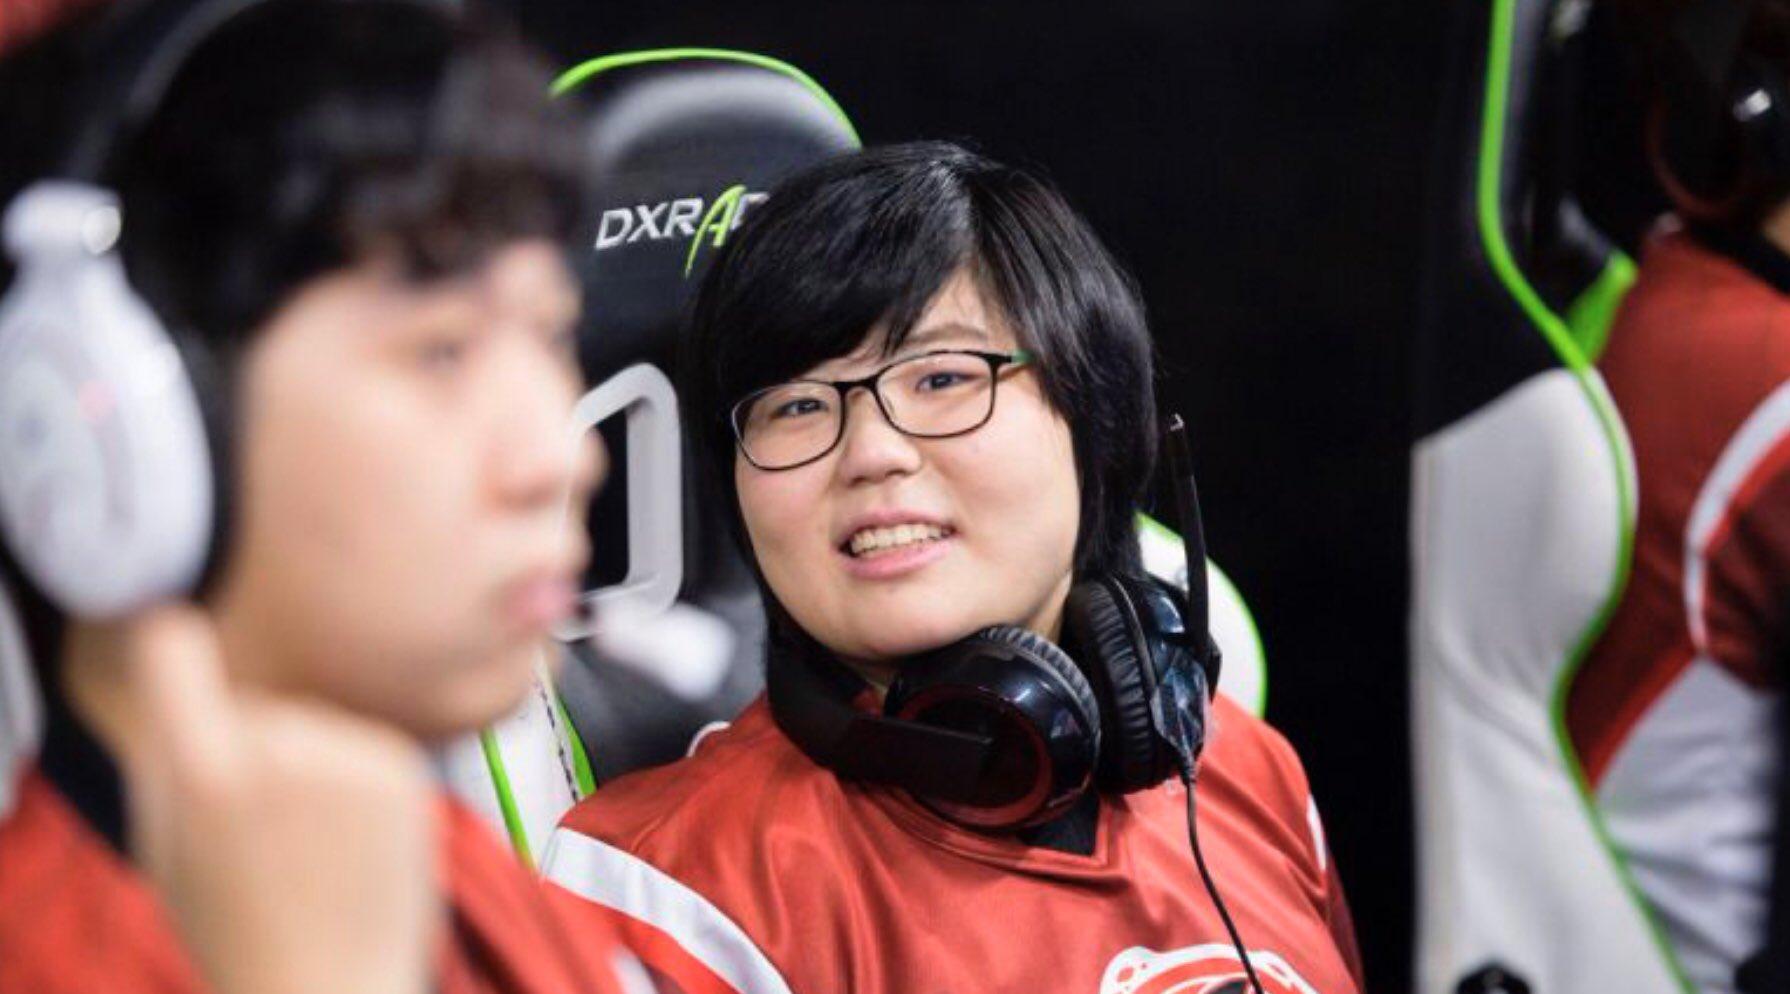 Es ist offiziell: Die erste Frau der Overwatch League spielt für Shanghai!